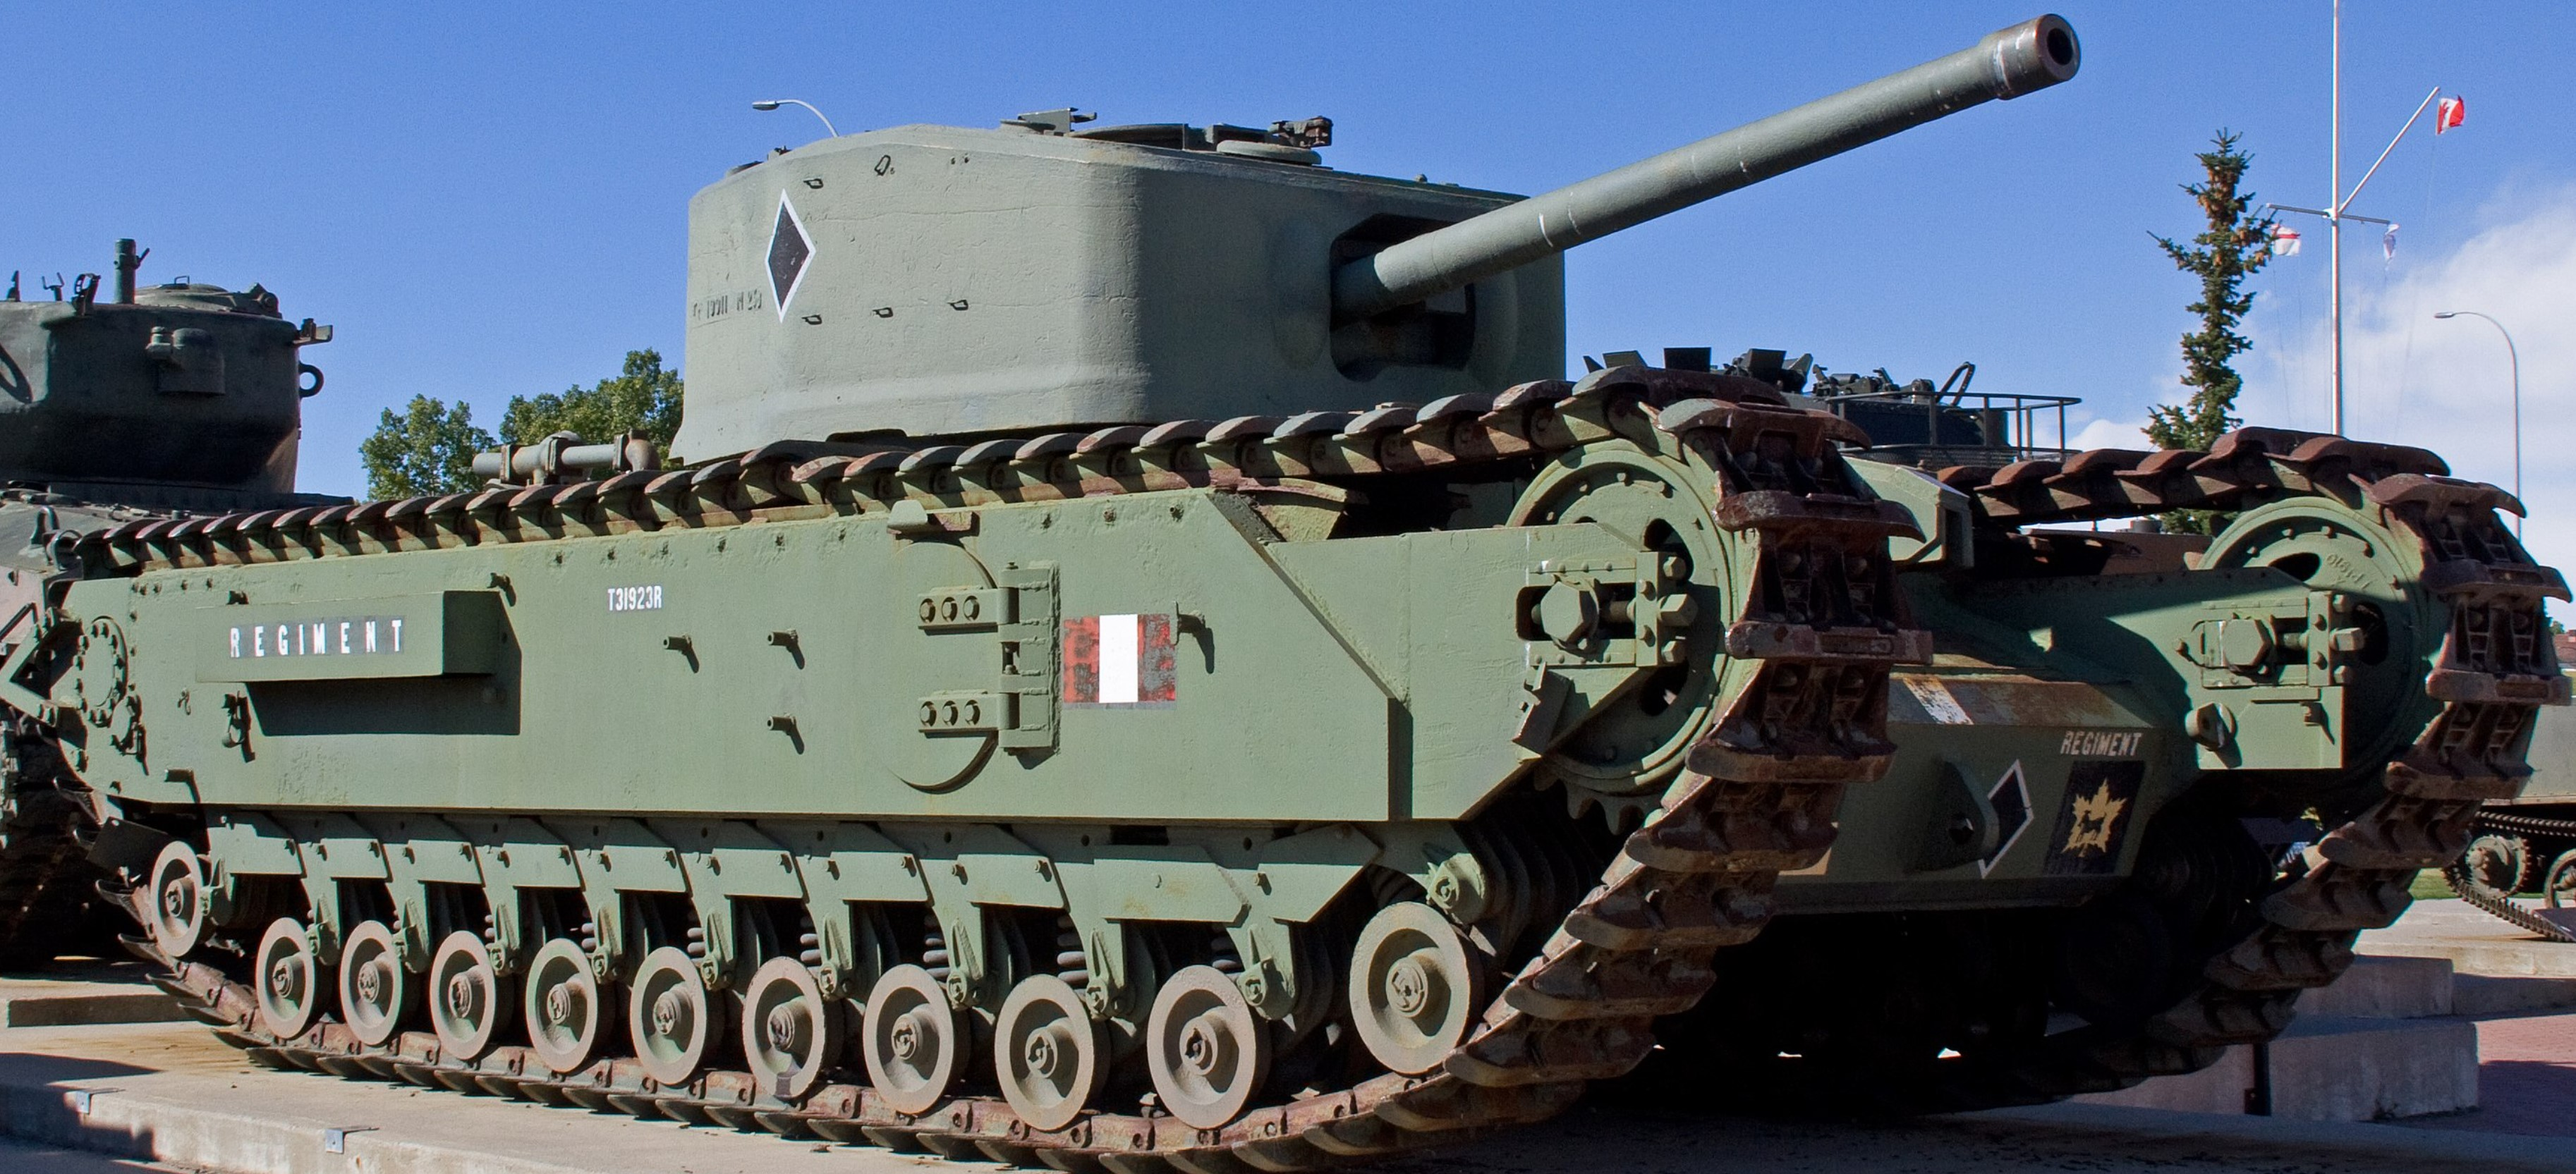 T31923R in Calgary, Canada in September 2012. ©Tony Hisgett